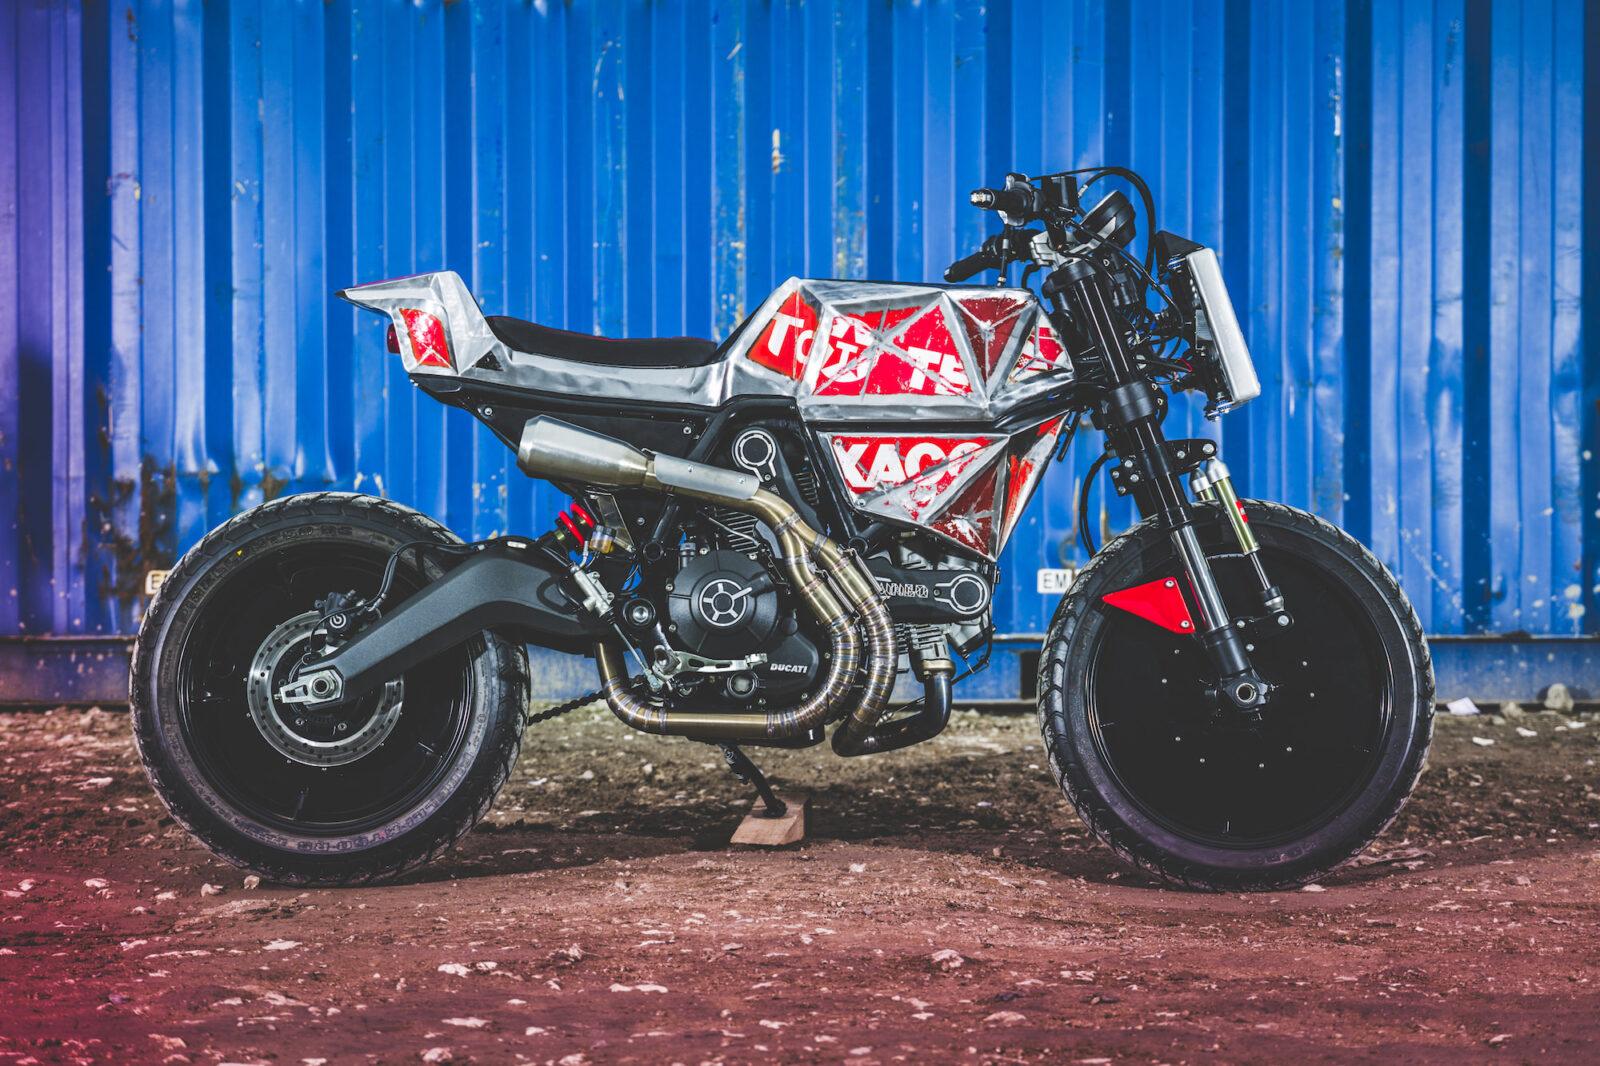 Vibrazioni Art Design Ducati Monster 800 1600x1066 - Vibrazioni Ducati Scrambler